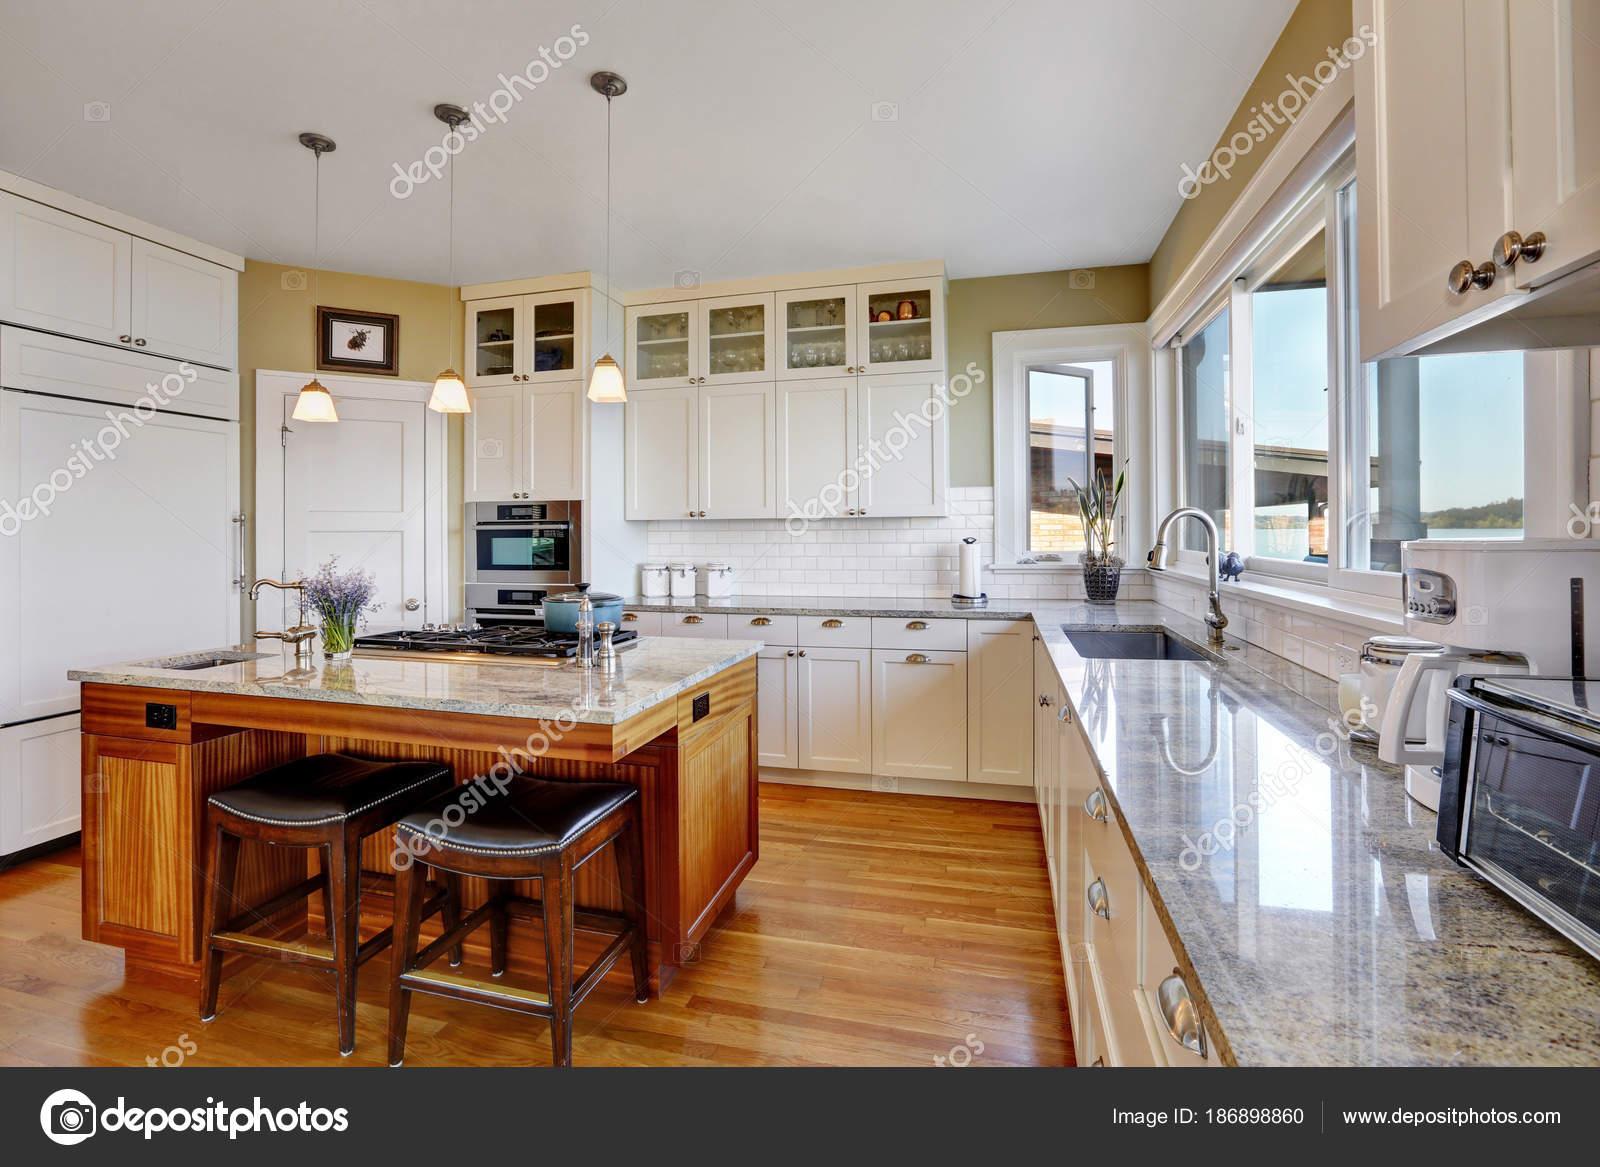 Cozinha Branca Surpreendente Com Arm Rios De Cozinha Brancos Puros